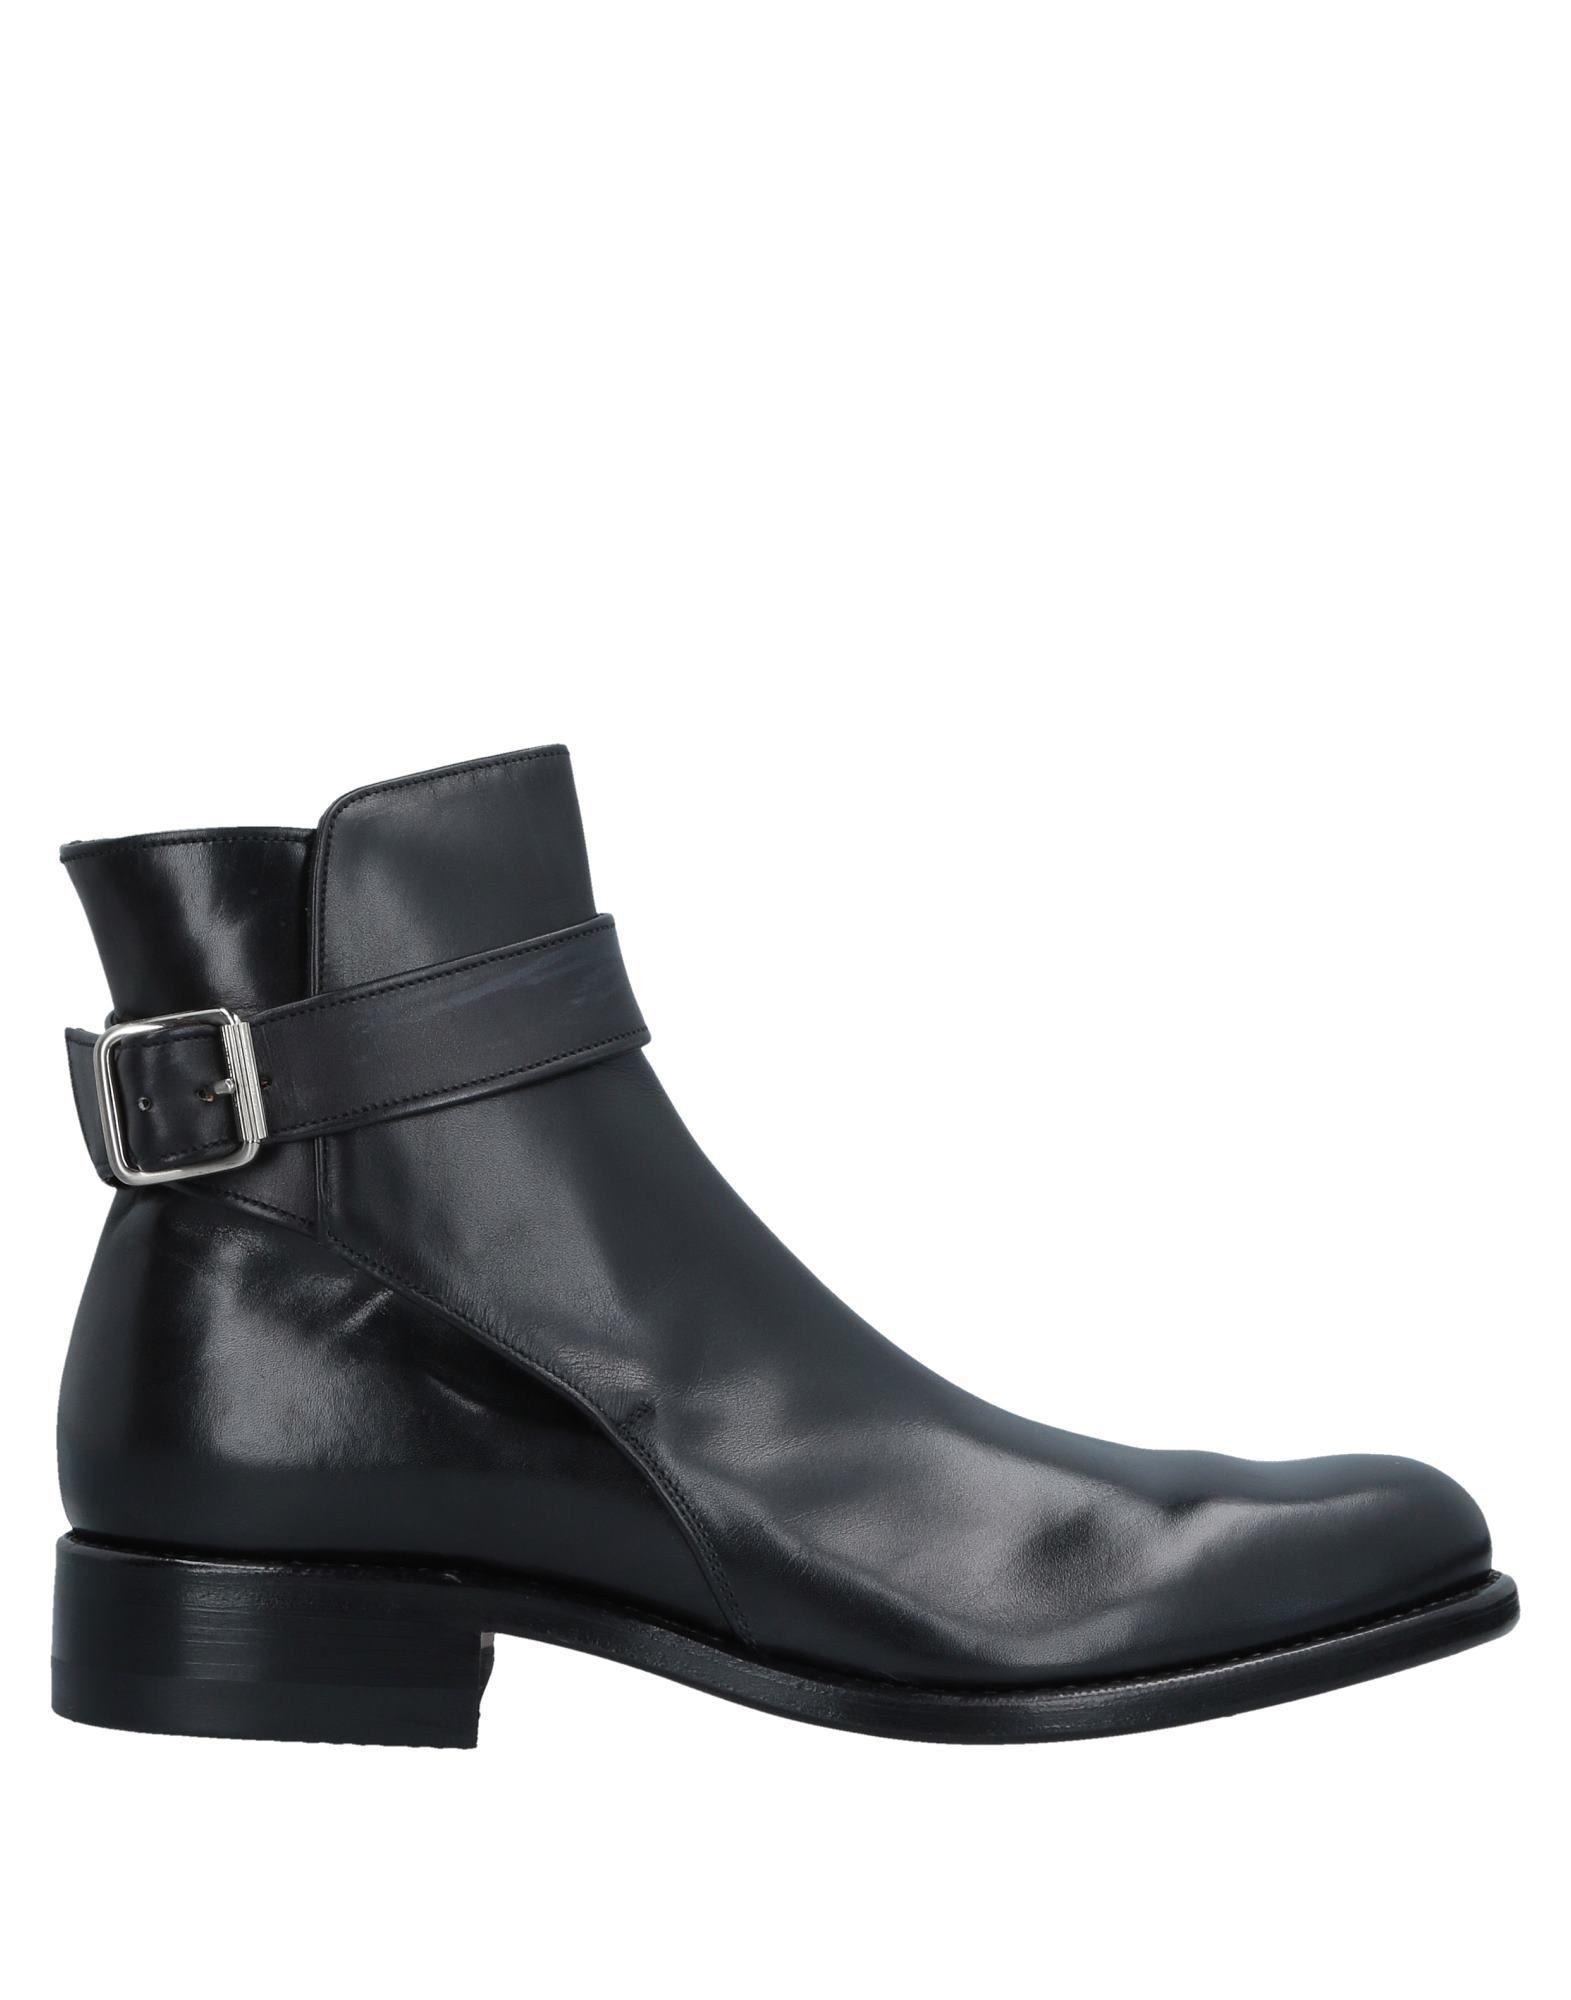 Premiata Stiefelette Herren  11530653ML Gute Qualität beliebte Schuhe